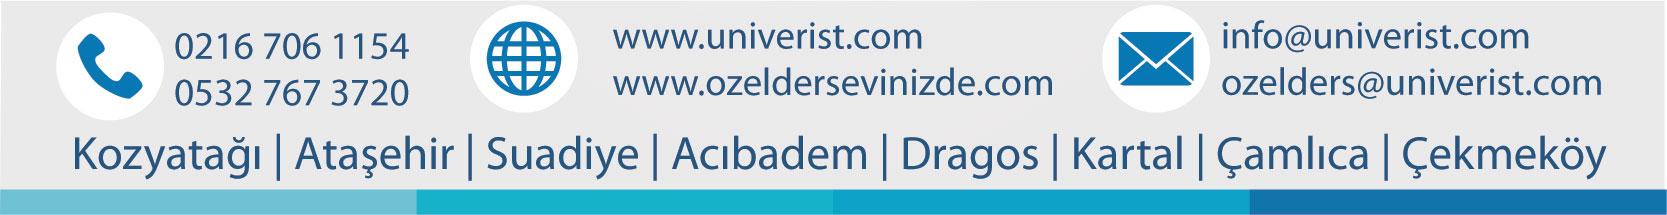 Univerist  Ders Kozyatağı-Ataşehir-Suadiye-Acıbadem-Dragos-Kartal-Çamlıca-Çekmeköy